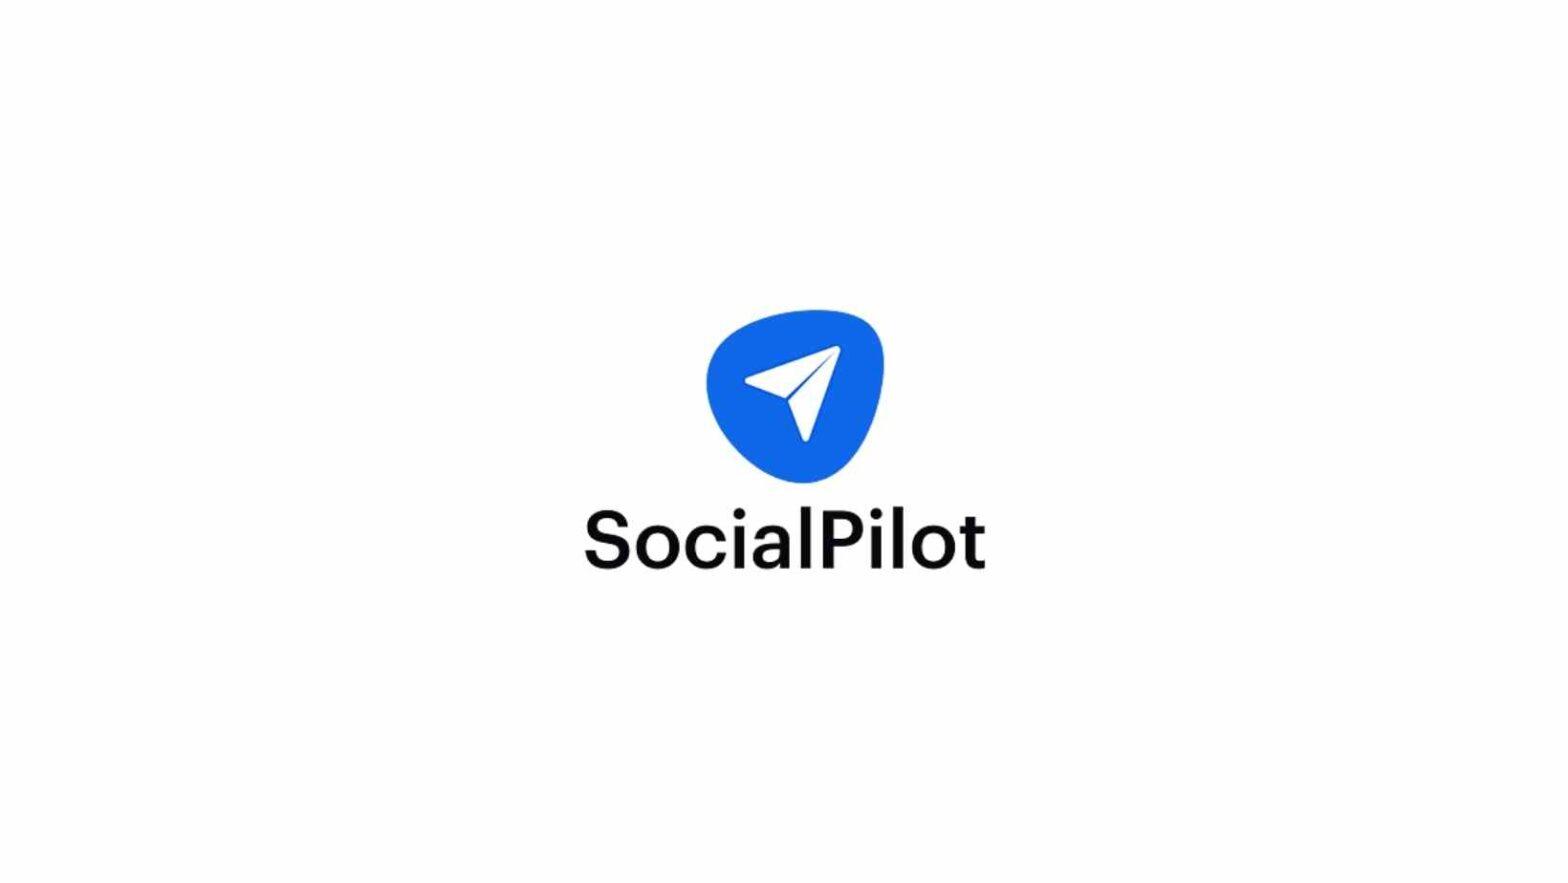 social pilot reviews social pilot pricing social pilot social pilot بالعربي